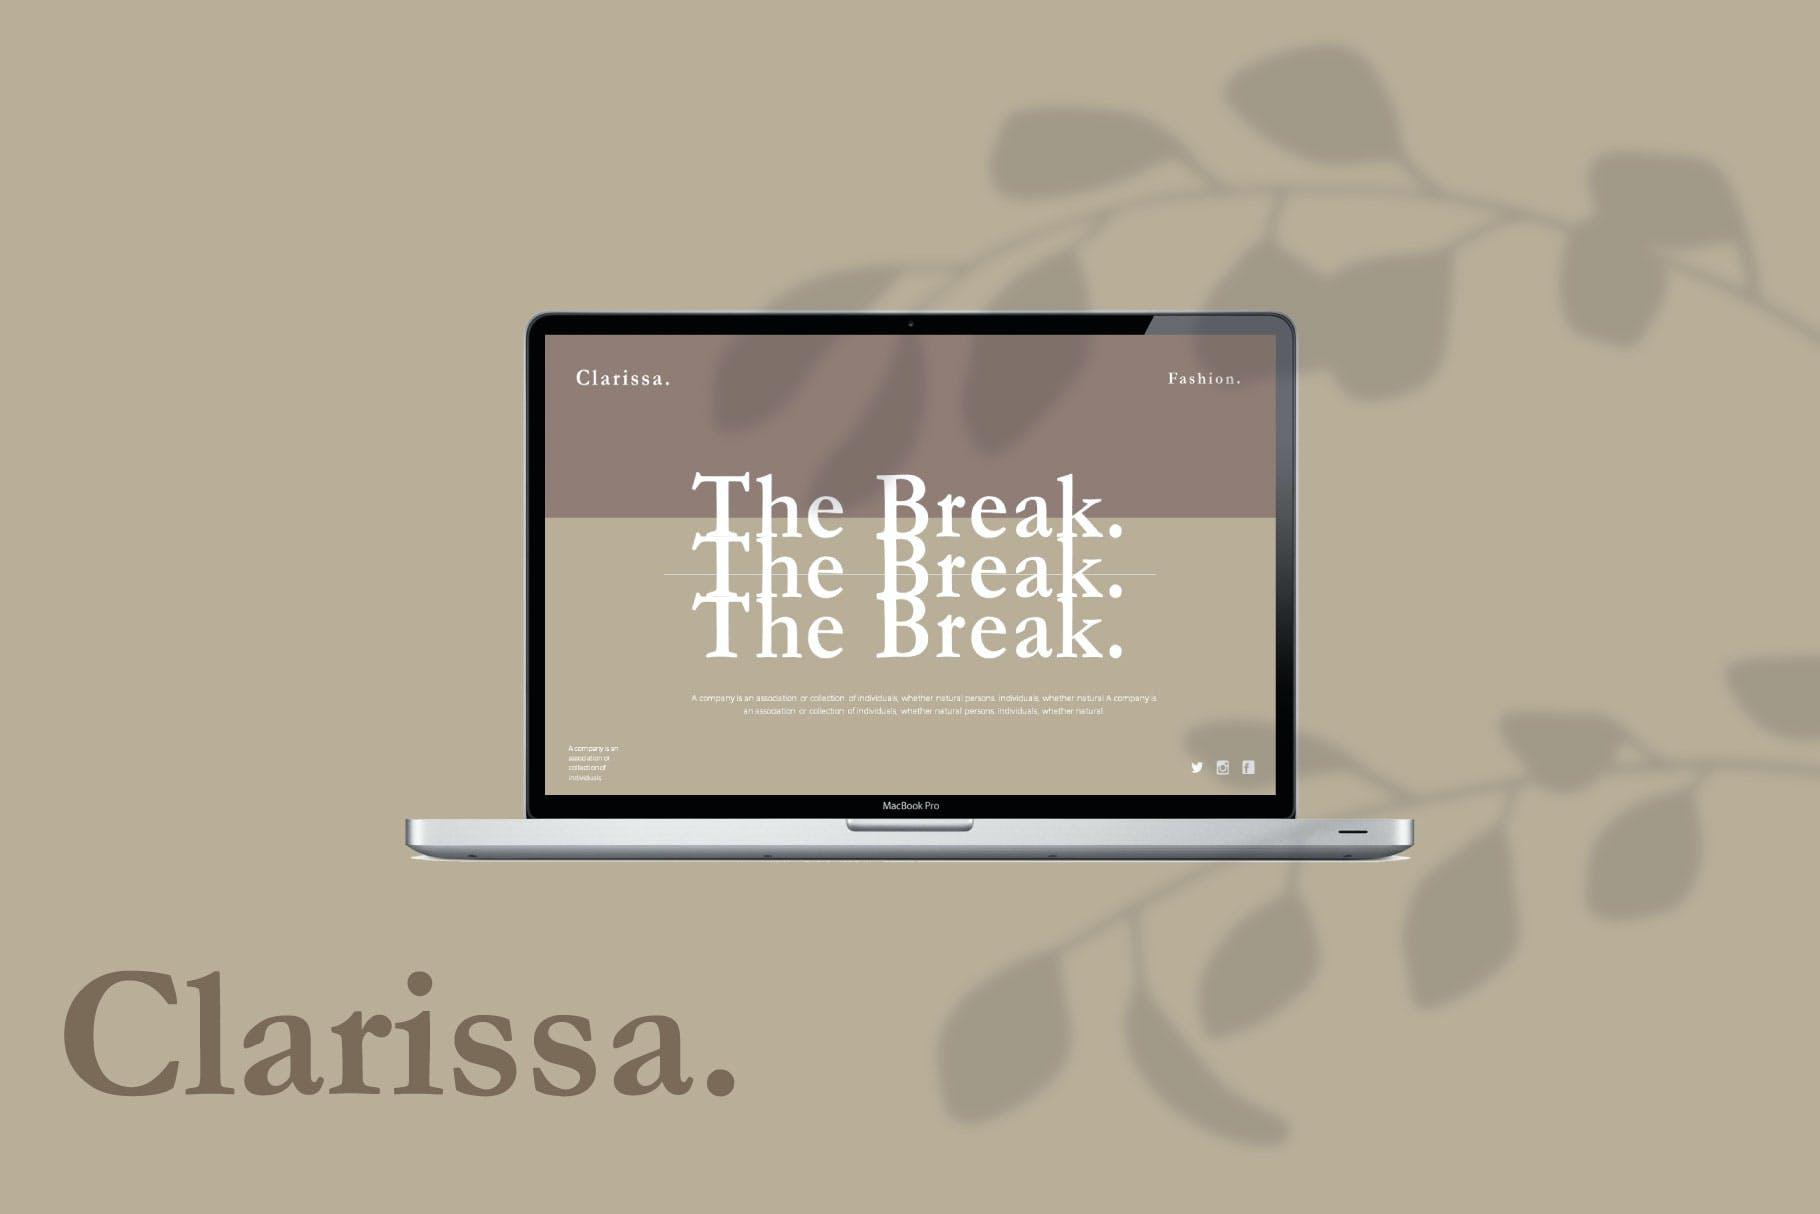 时尚简约摄影作品集图文排版幻灯片设计模板 Clarissa Bundle Presentation插图6